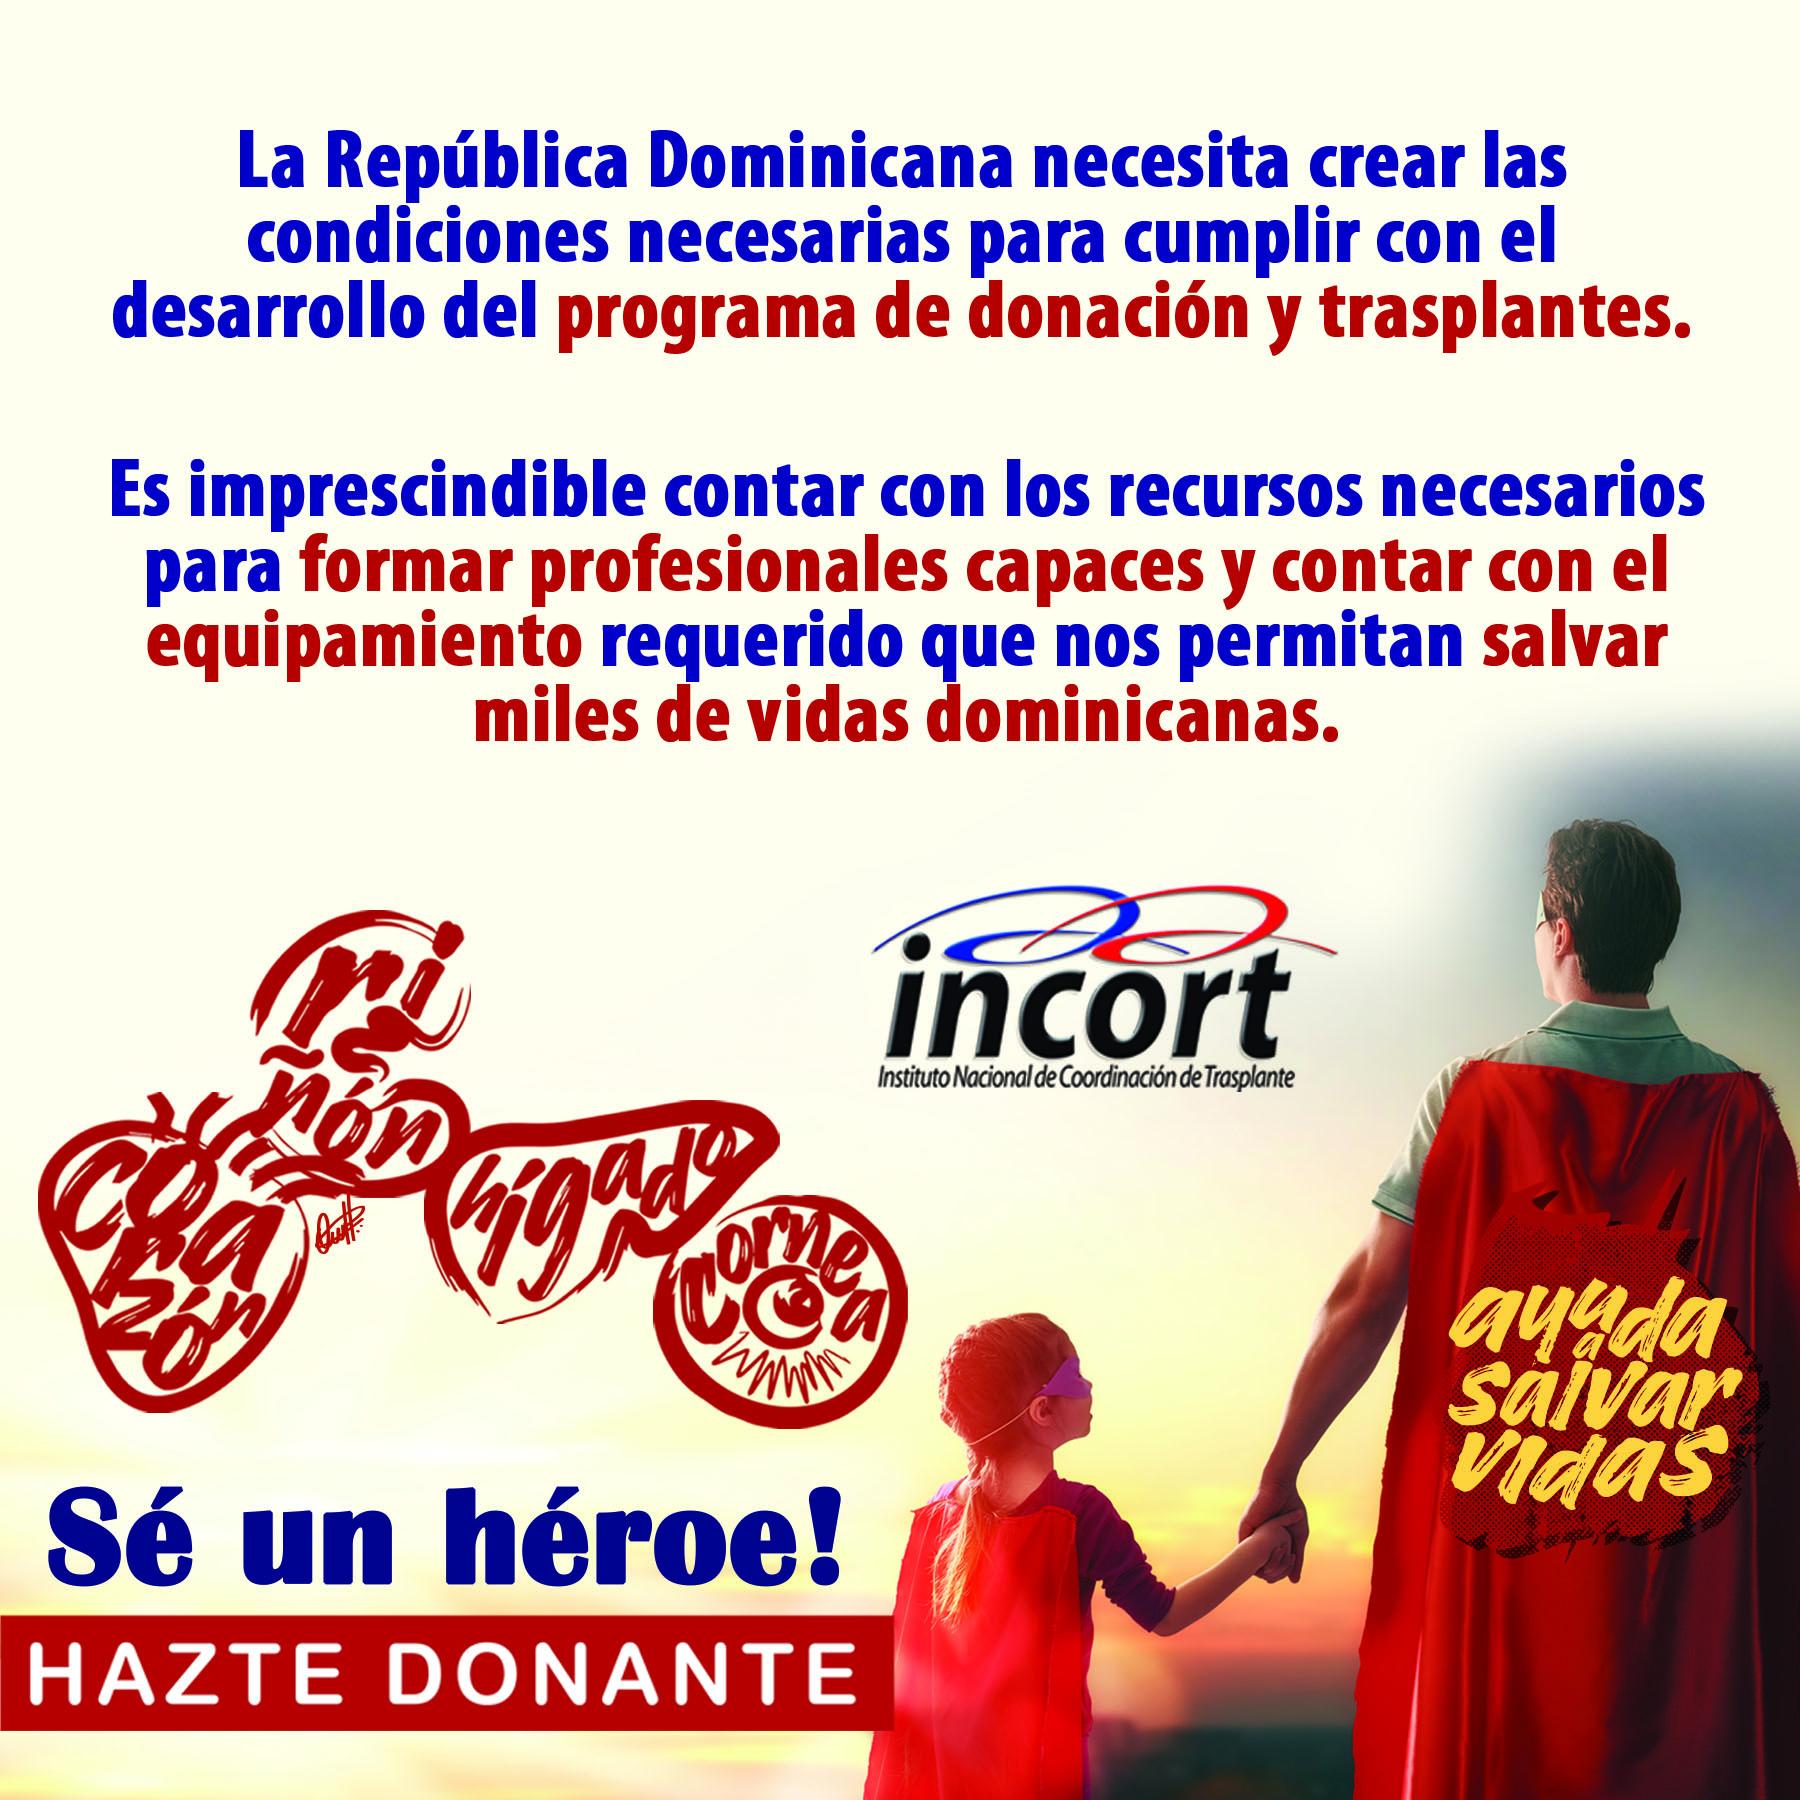 Instituto de Coordinación y Trasplantes INCORT lamenta situación de Andy Herrera